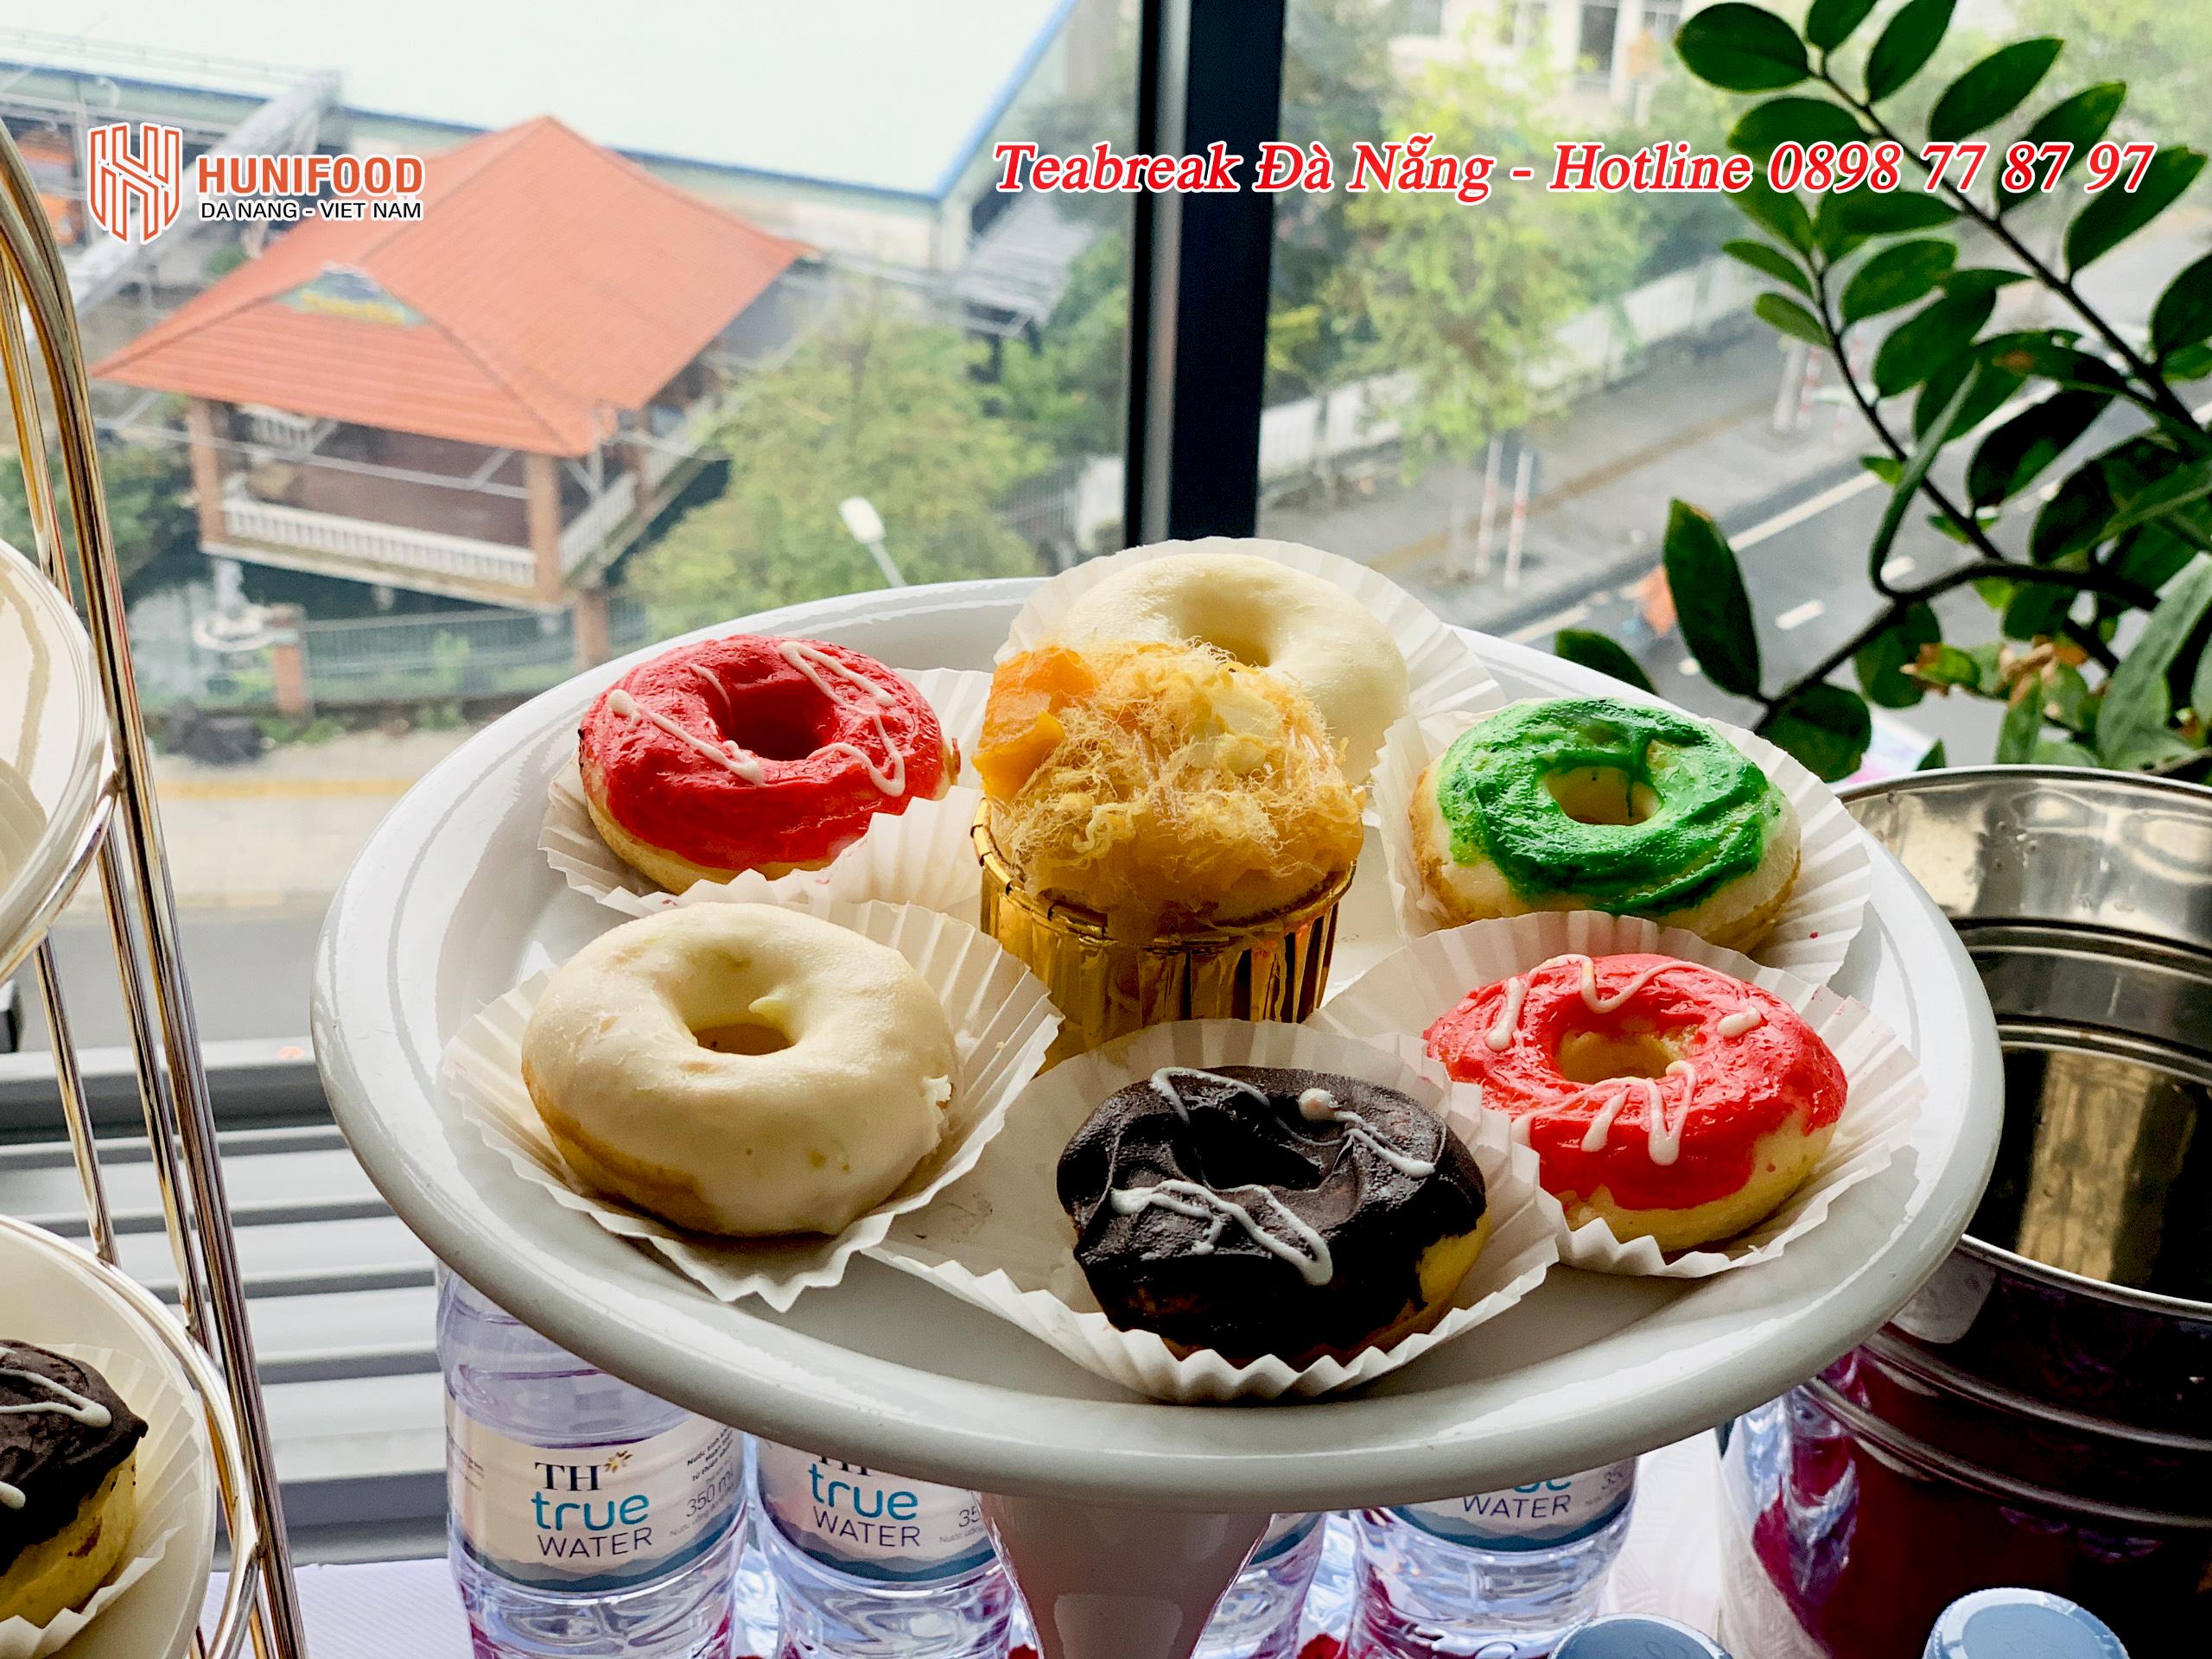 Tiệc Teabreak Công Ty Bảo Hiểm Cathay tầng 9 tòa nhà Đường Việt Đà Nẵng